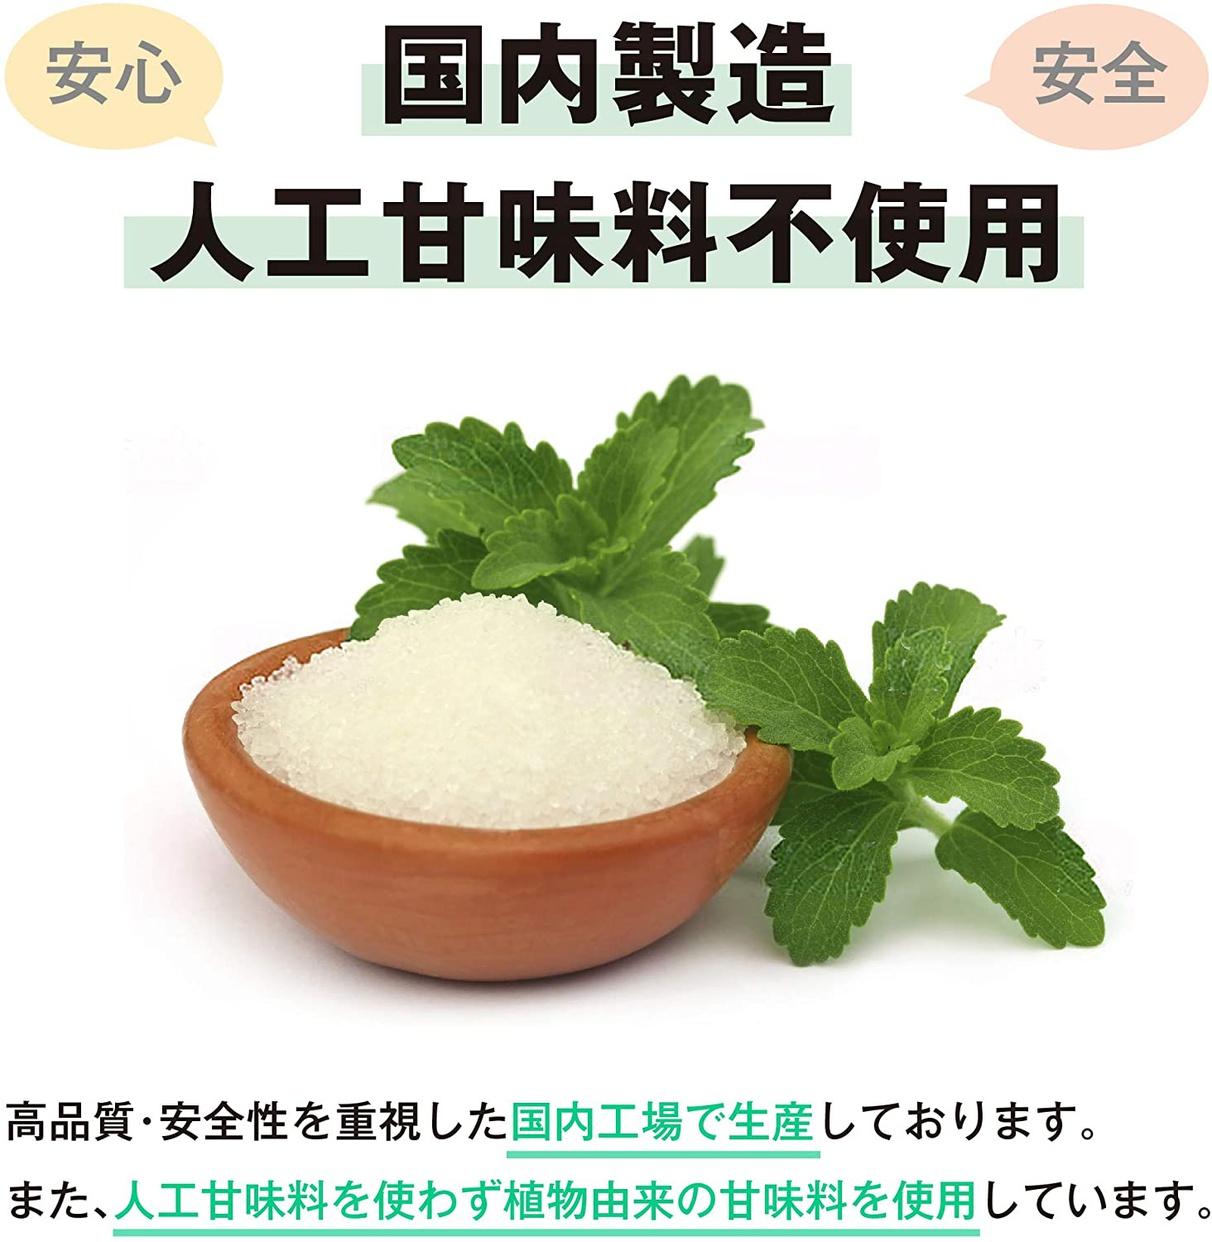 健創ファクトリー 部活プロテインの商品画像4